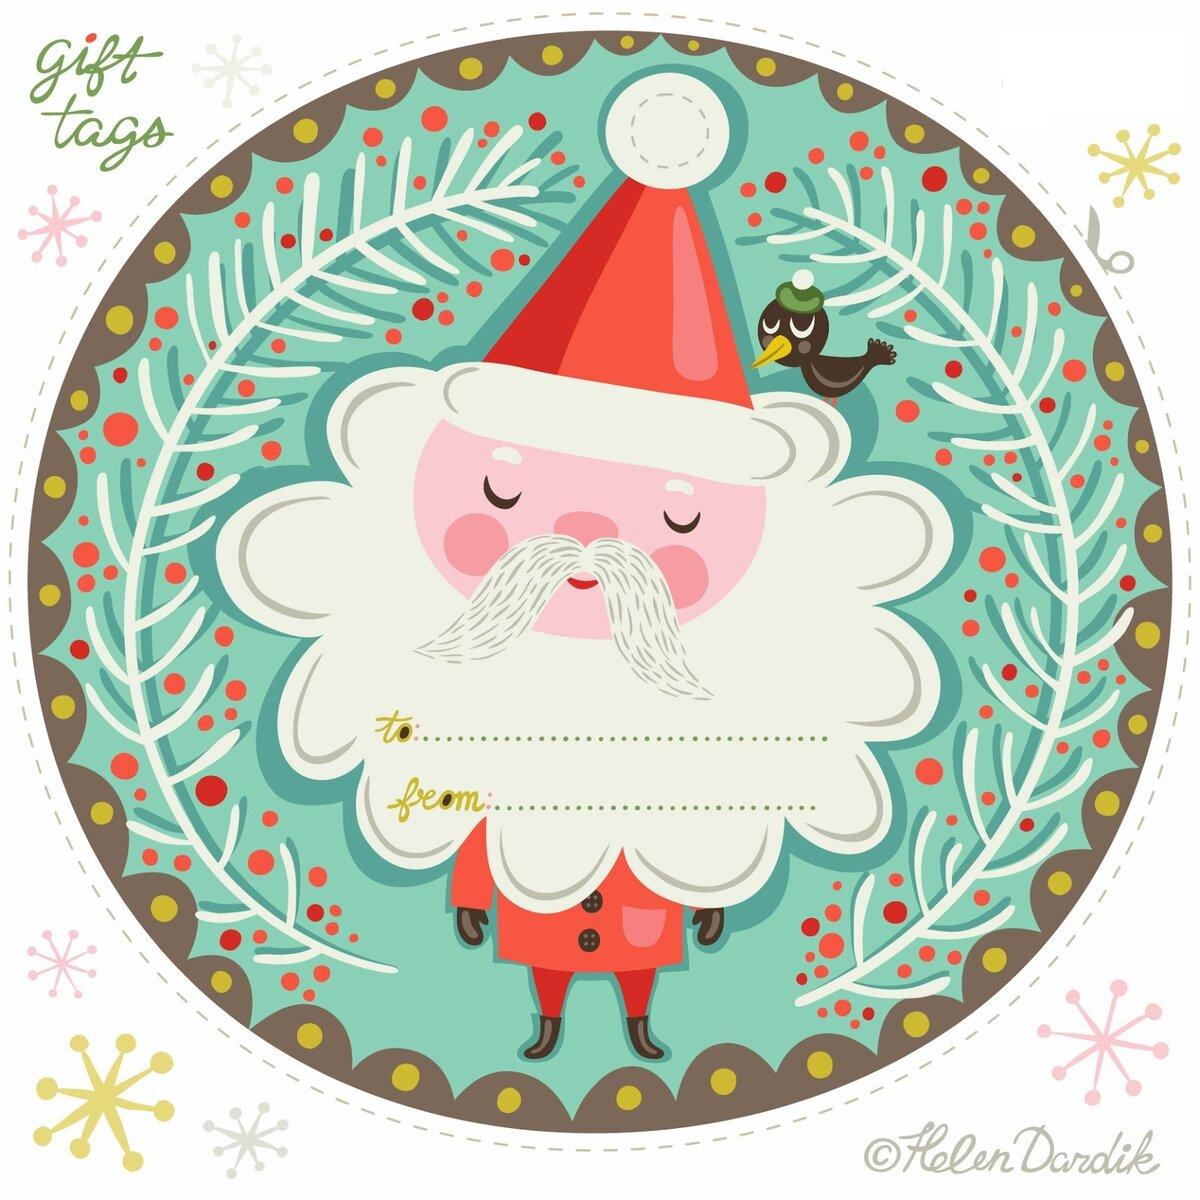 Наклейки для открыток новый год, сделать